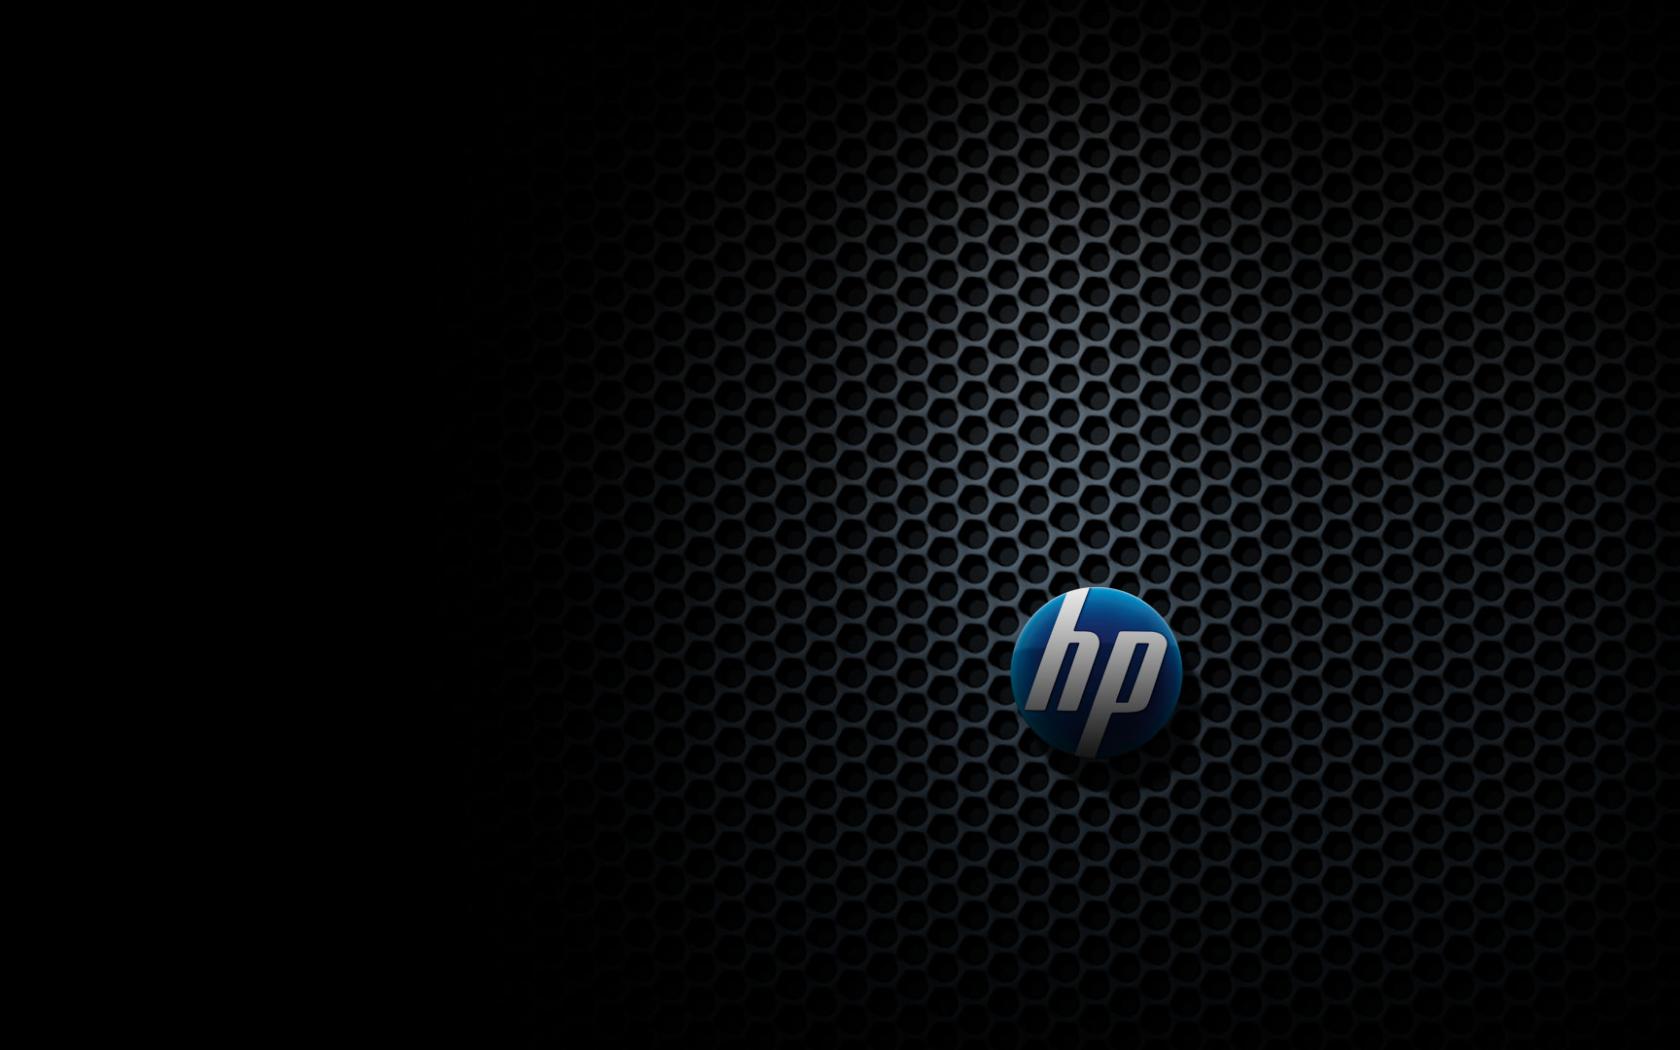 Download hp desktop wallpapers hd 1080p Desktop Backgrounds